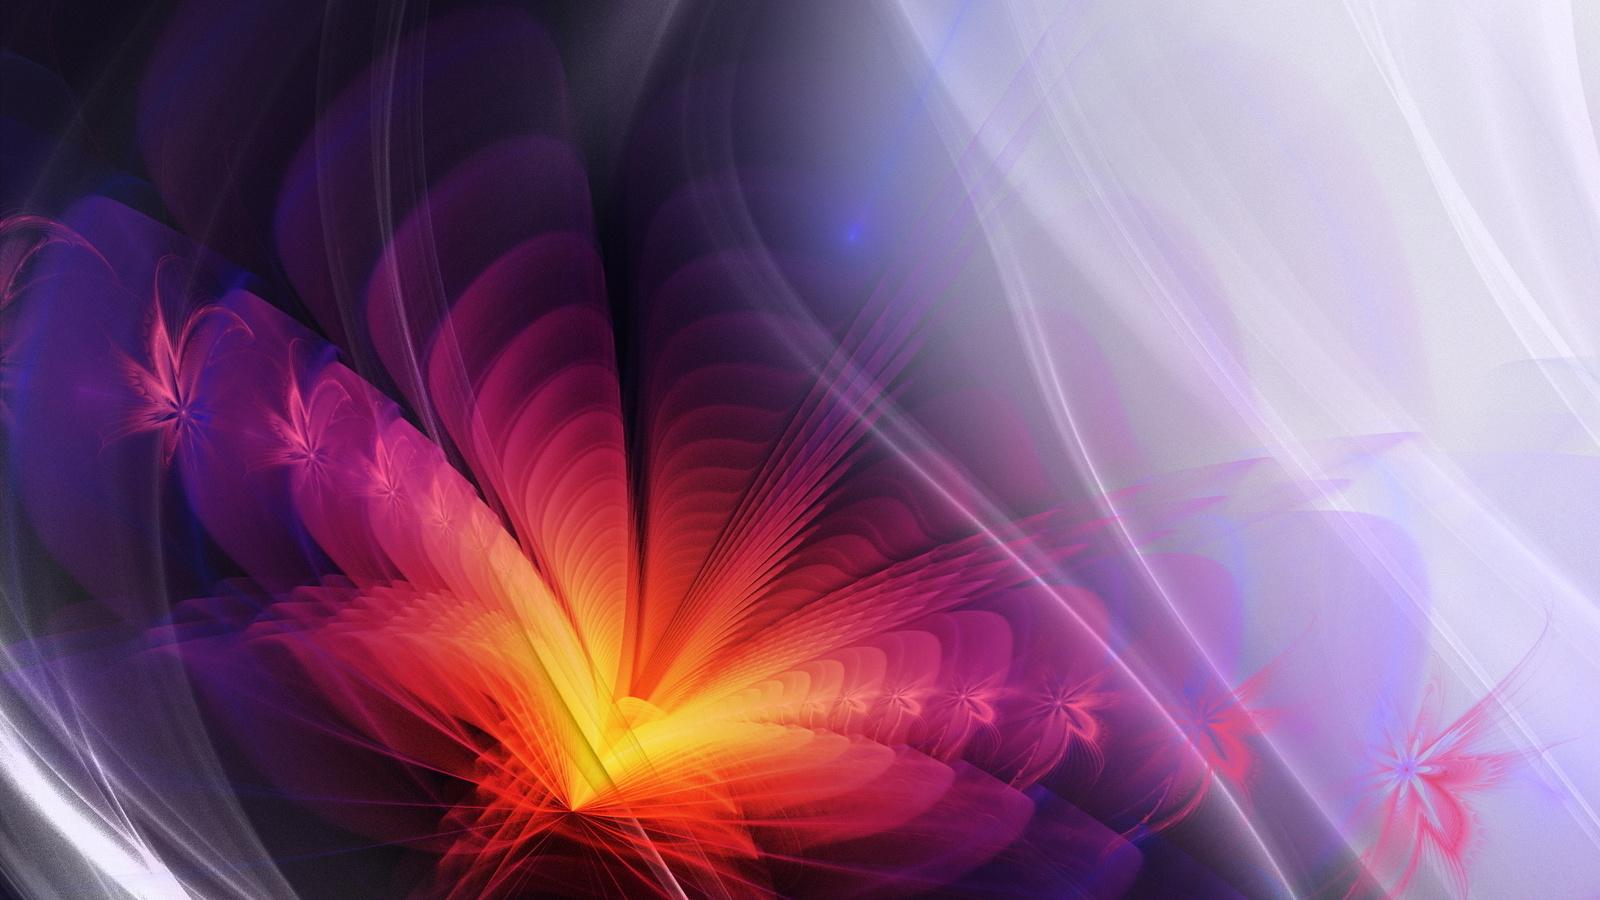 форма, абстракция, Цвет